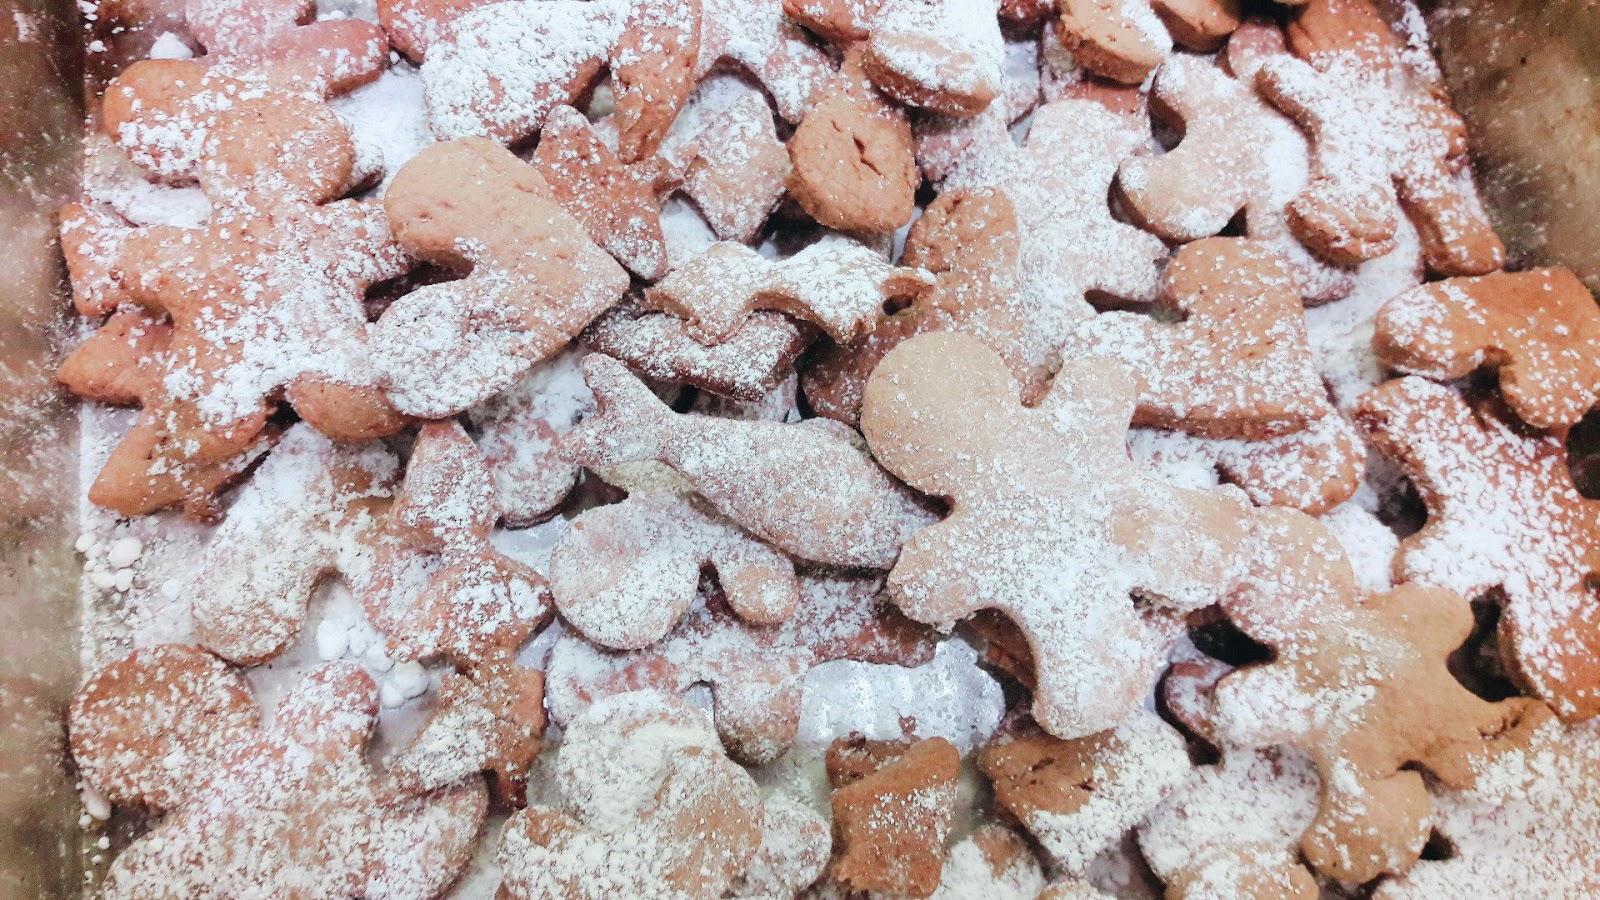 pierniczki ludziki z cukrem pudrem - efekt koncowy - uwielbiamy piec